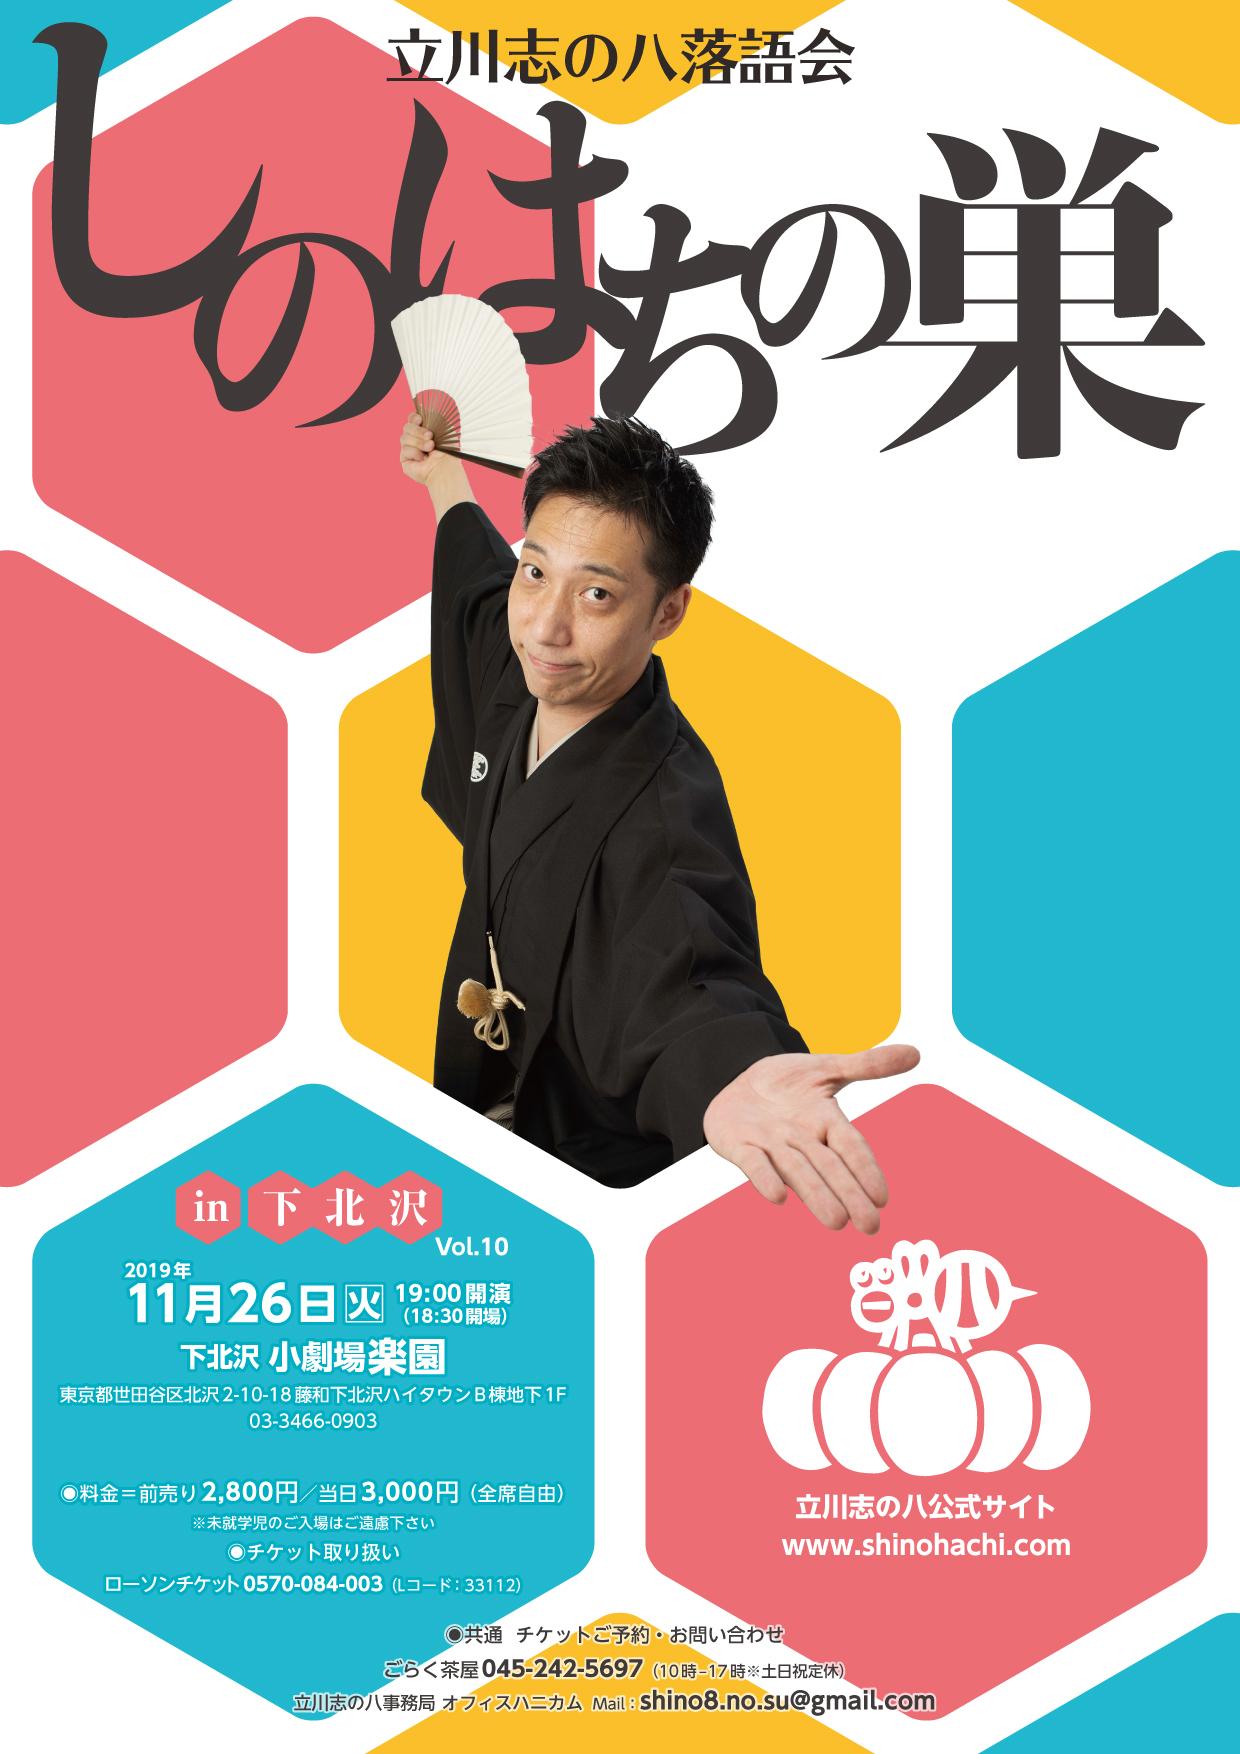 立川志の八落語会 しのはちの巣 in 下北沢 vol.10